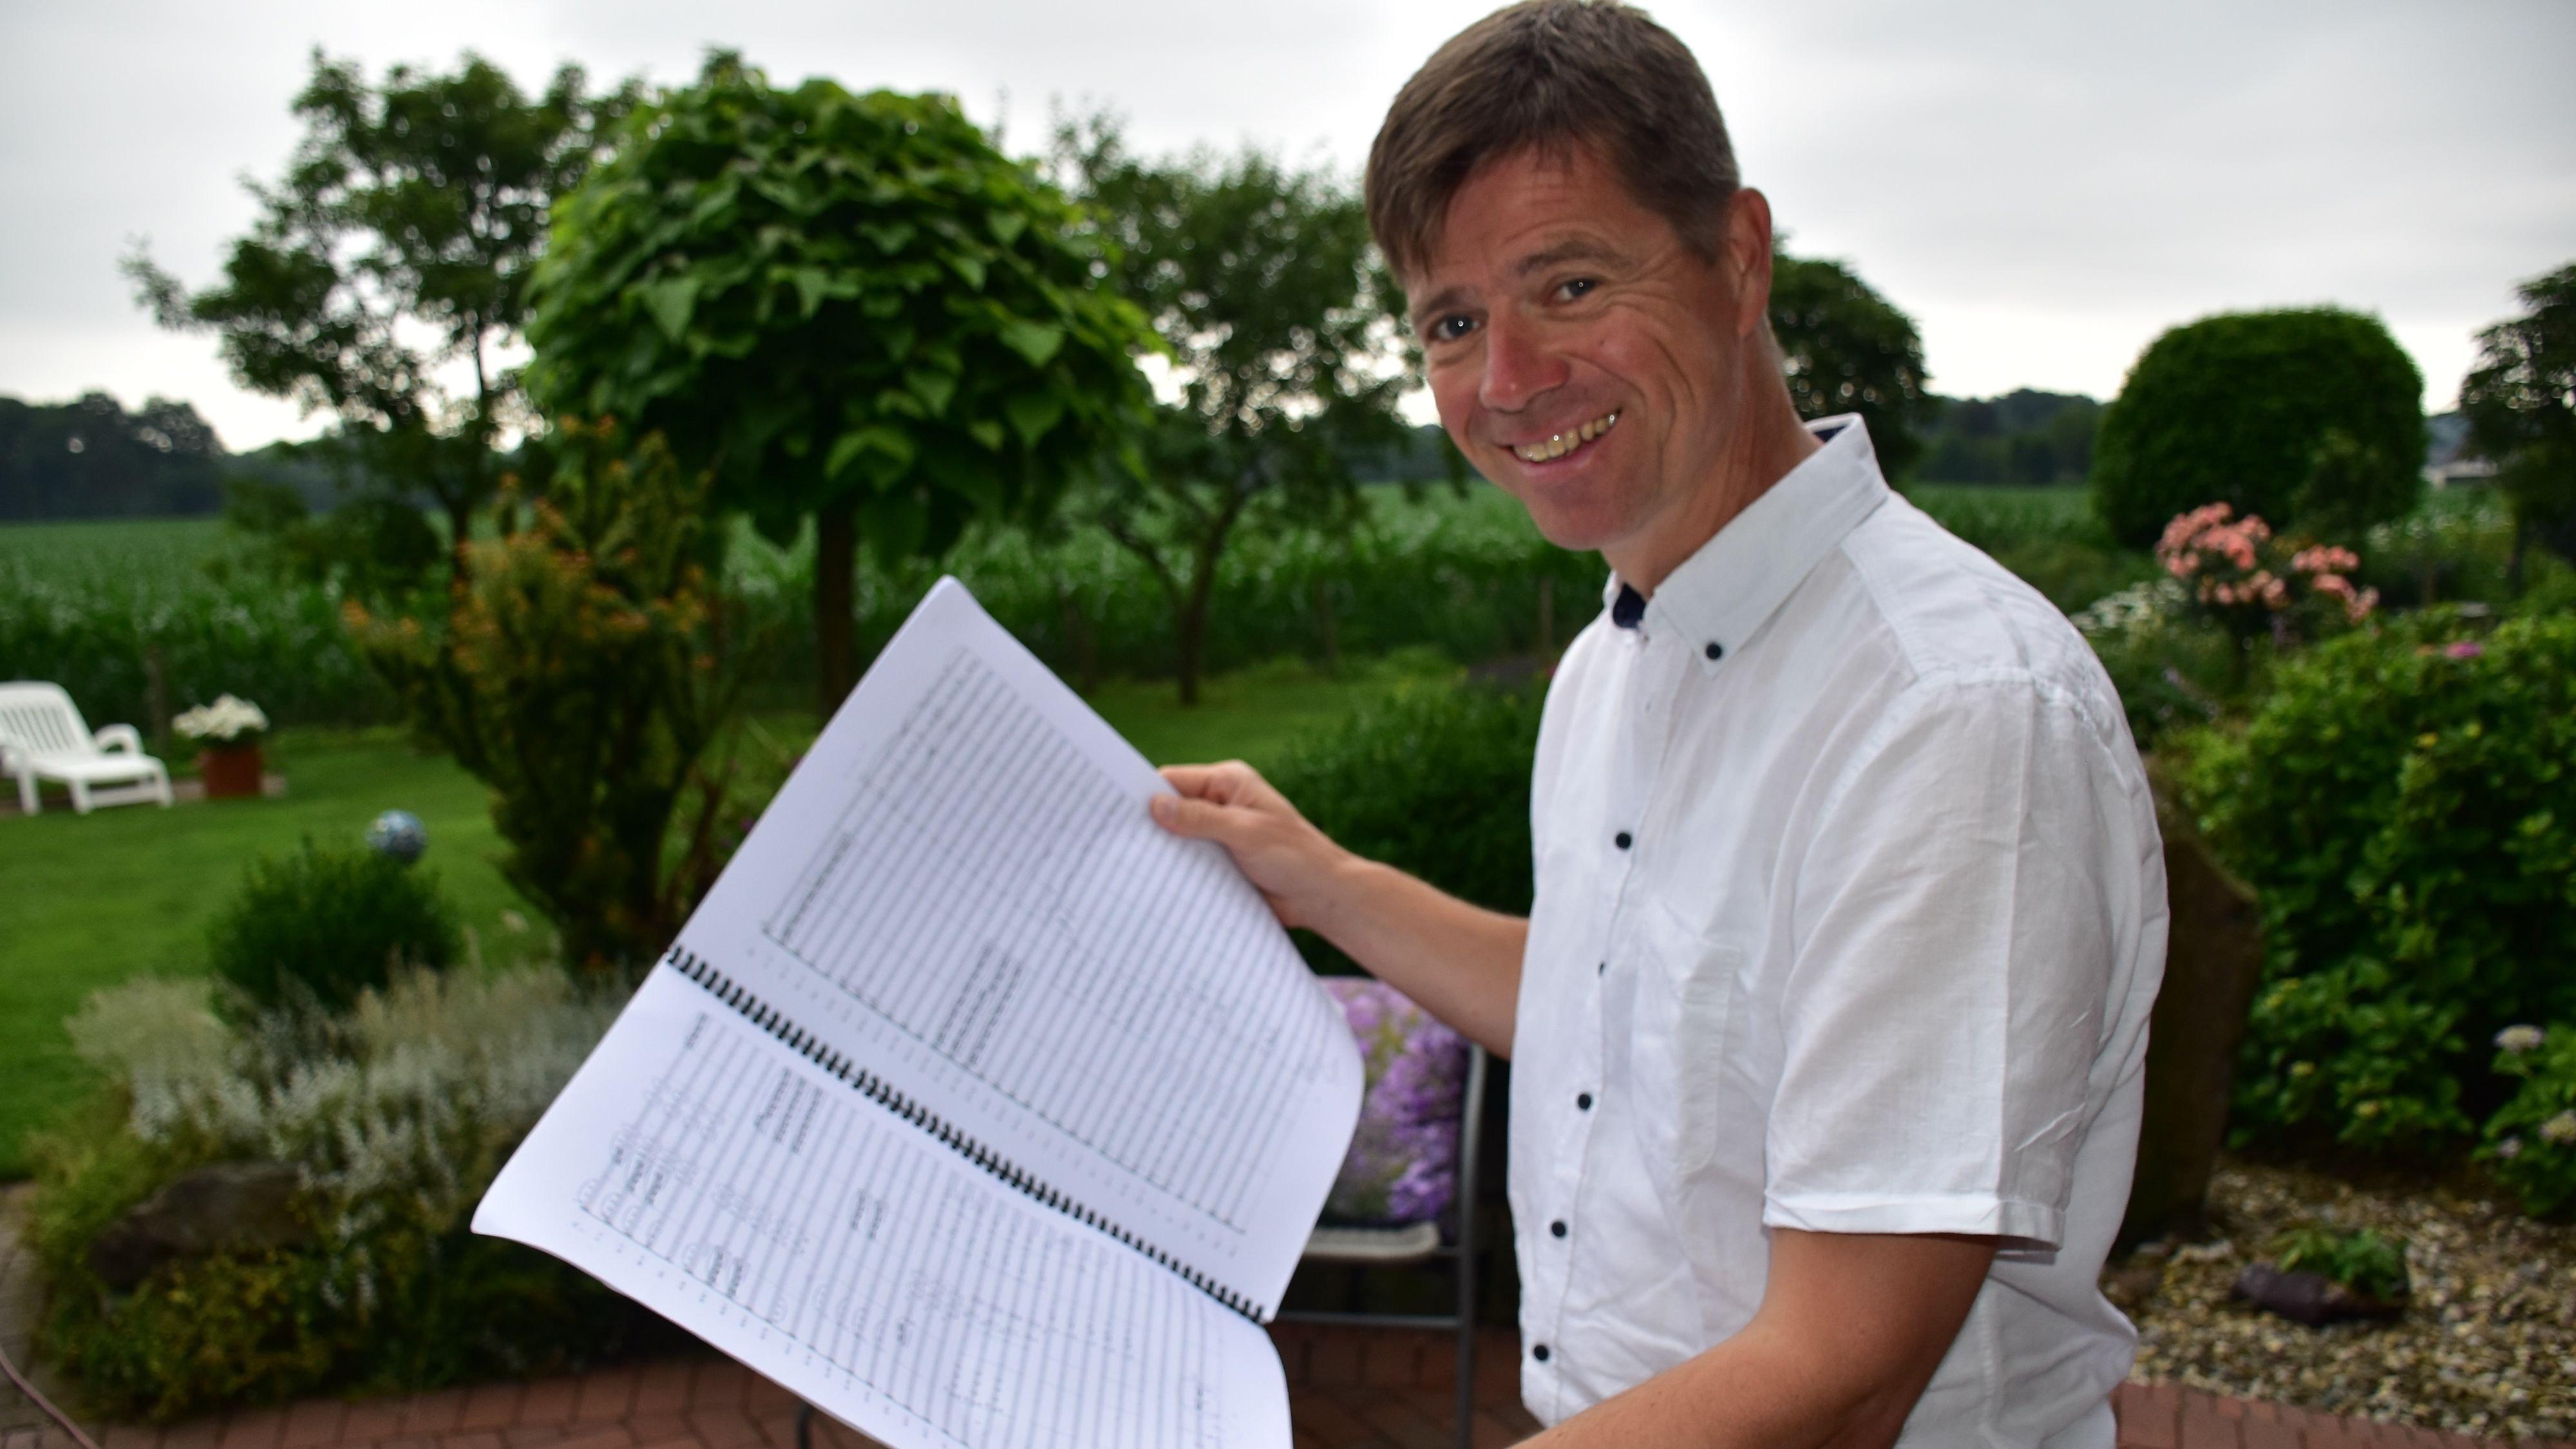 """Große Aufgabe: Heiko Maschmann möchte beim Start des Instrumentalmusikvereins Neuenkirchen am Samstag die Note """"Hervorragend"""" erspielen. Foto: Lammert"""